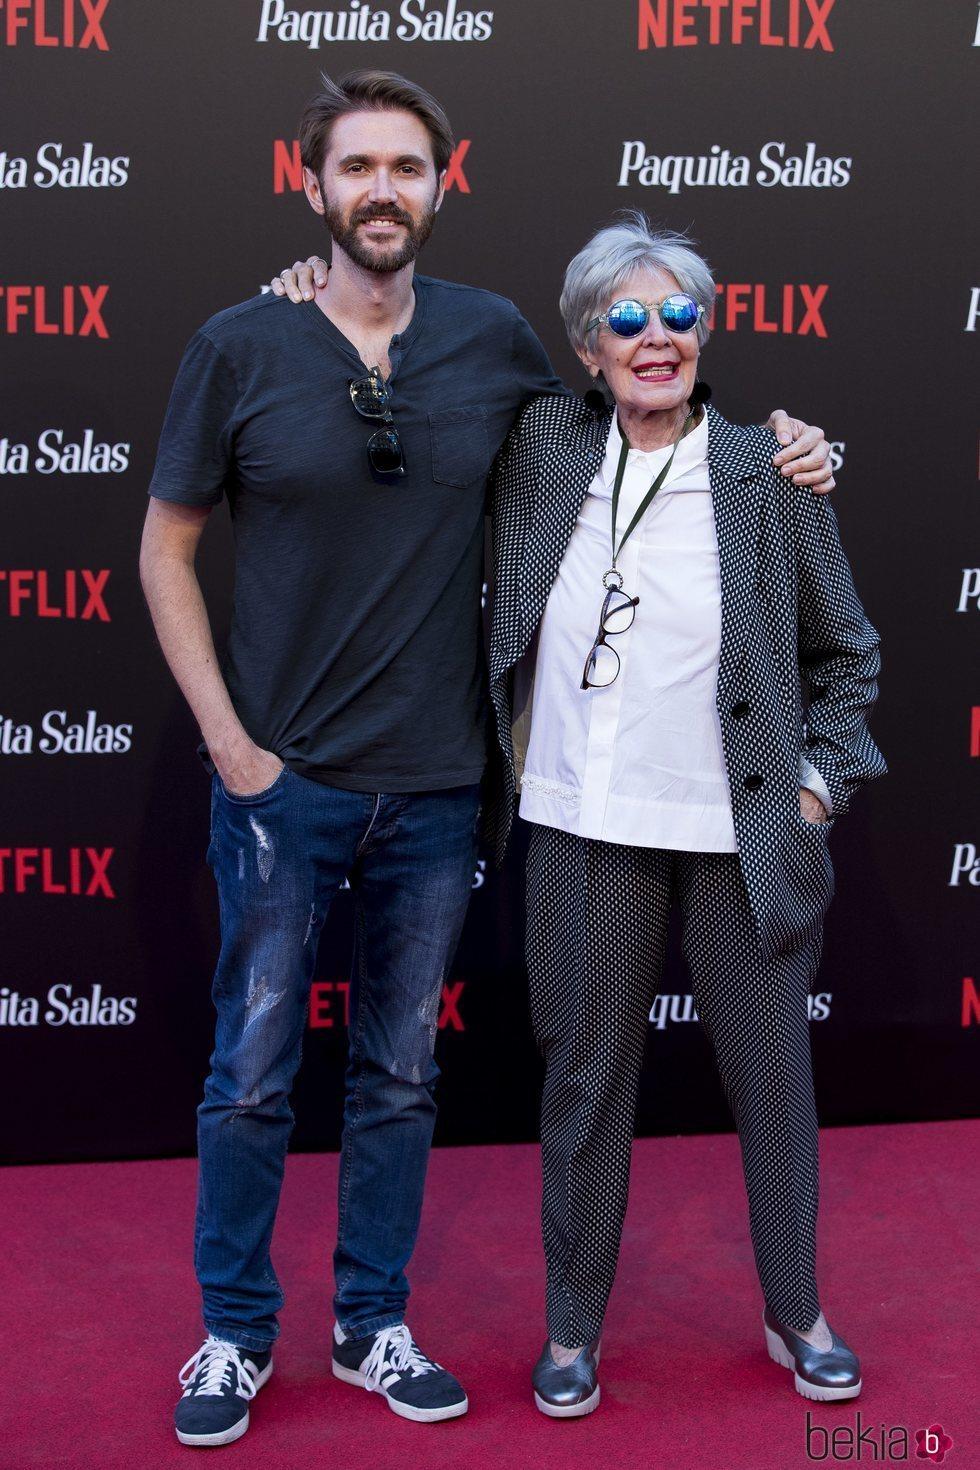 Concha Velasco y su hijo Manuel en la premiere de la segunda temporada de 'Paquita Salas'